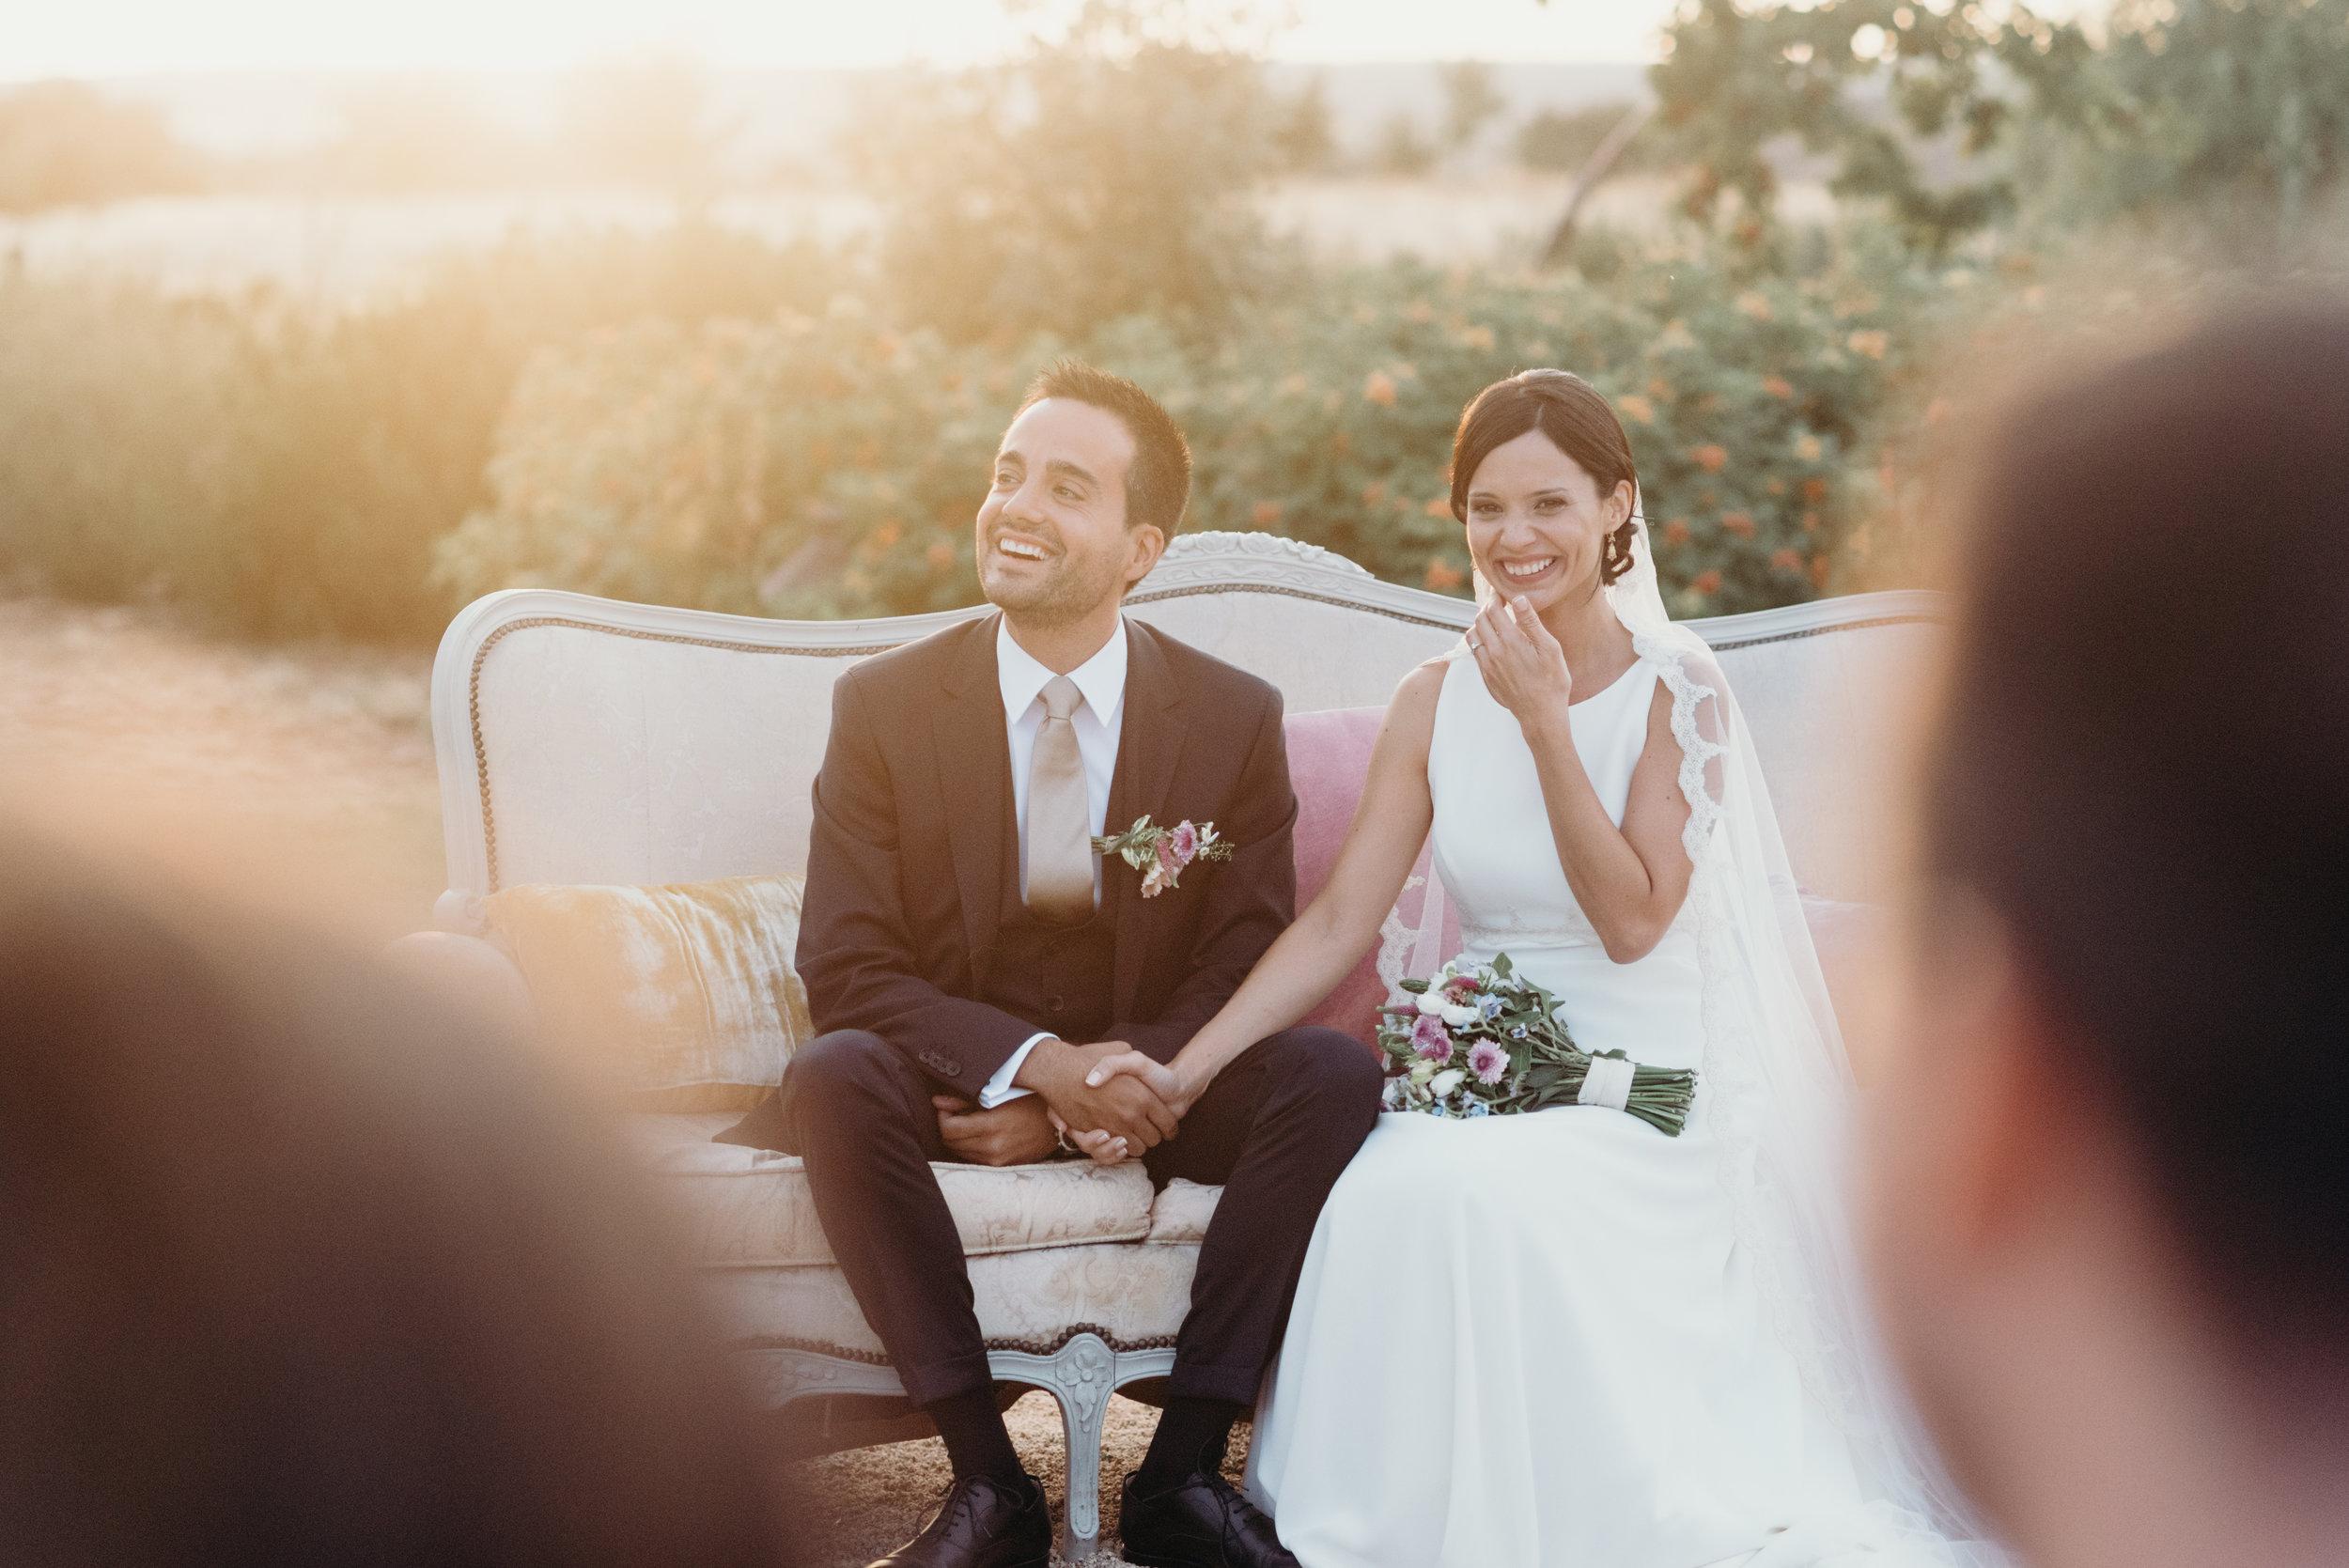 Wedding Photographer Barcelona Carla Bonnet 070.JPG